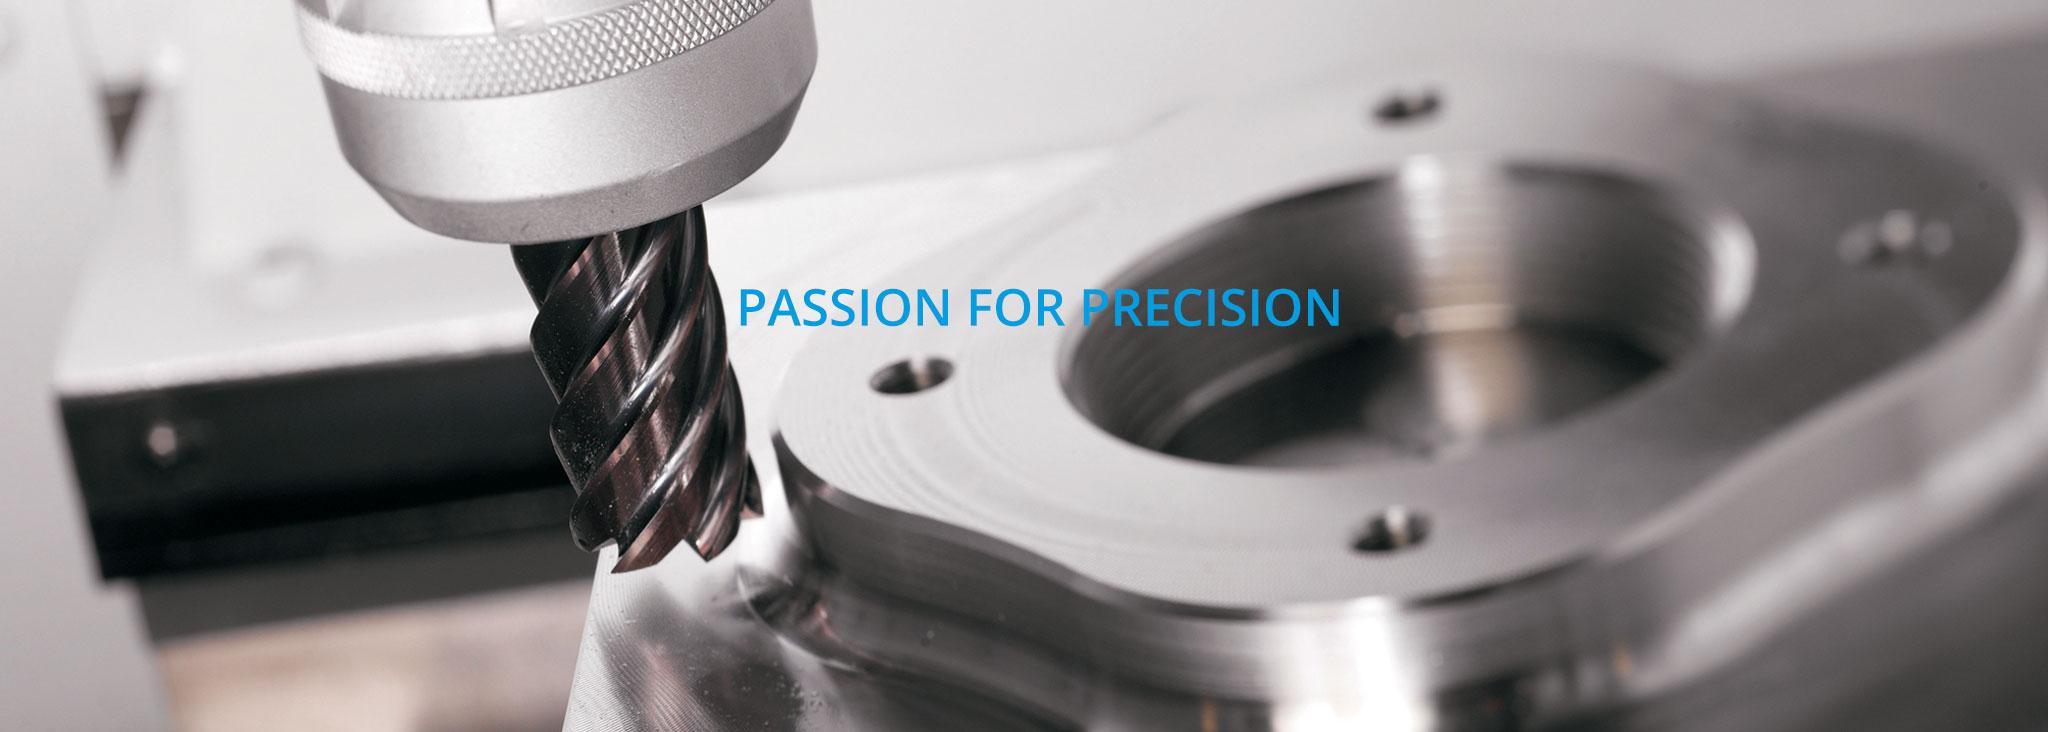 Wir sind Ihr Partner für CNC - Fertigung, Einzel- und Serienfertigung, Sondermaschinenbau und Reparaturen.